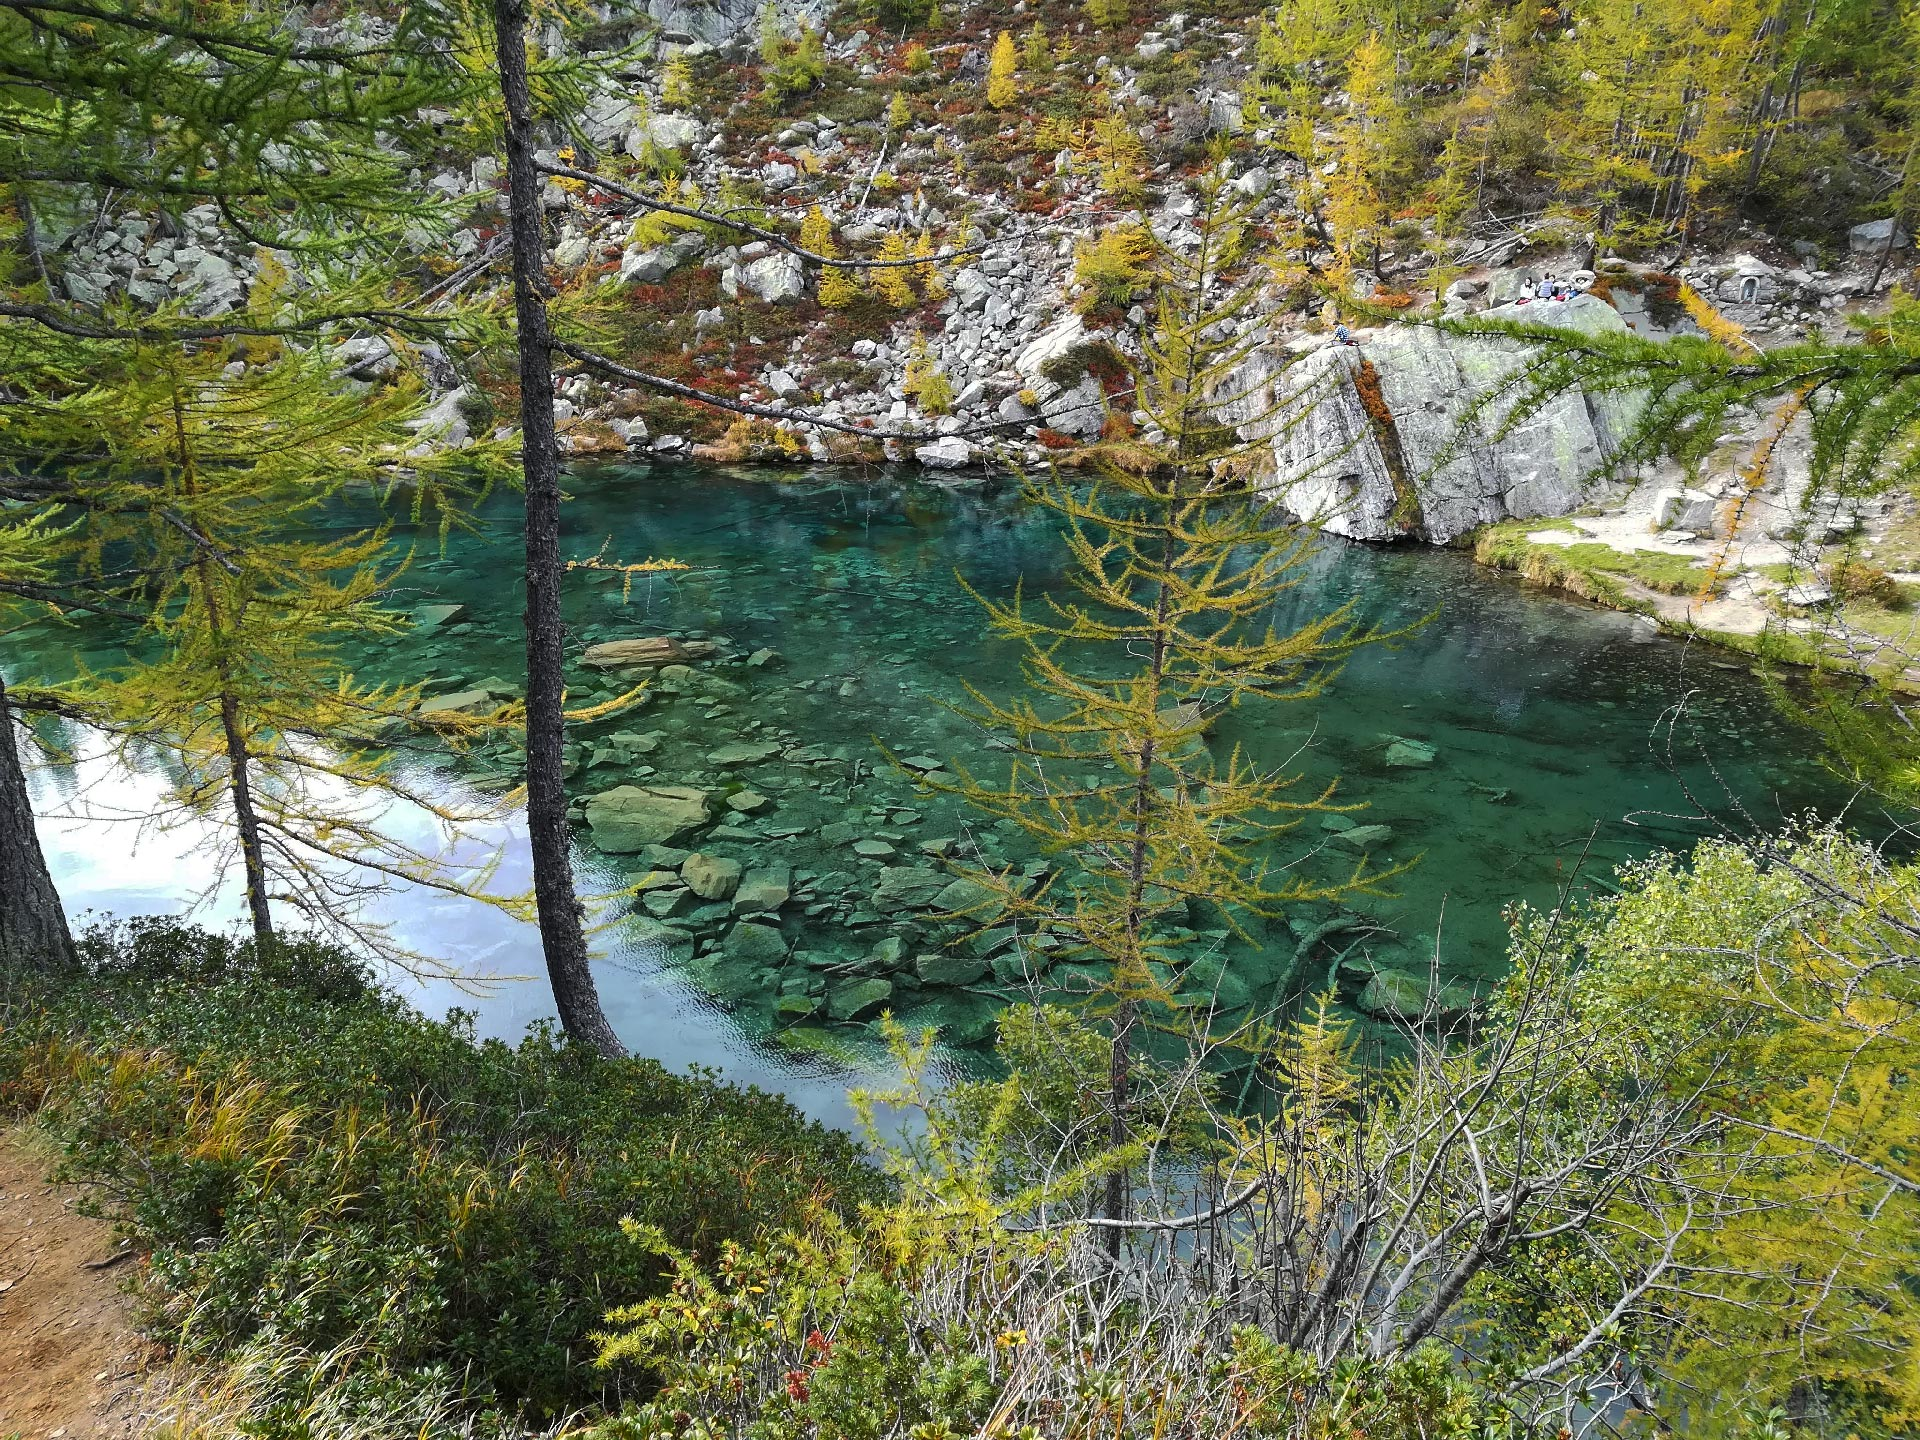 scorcio del lago delle Streghe dalle acque cristalline, abeti dai colori autunnali